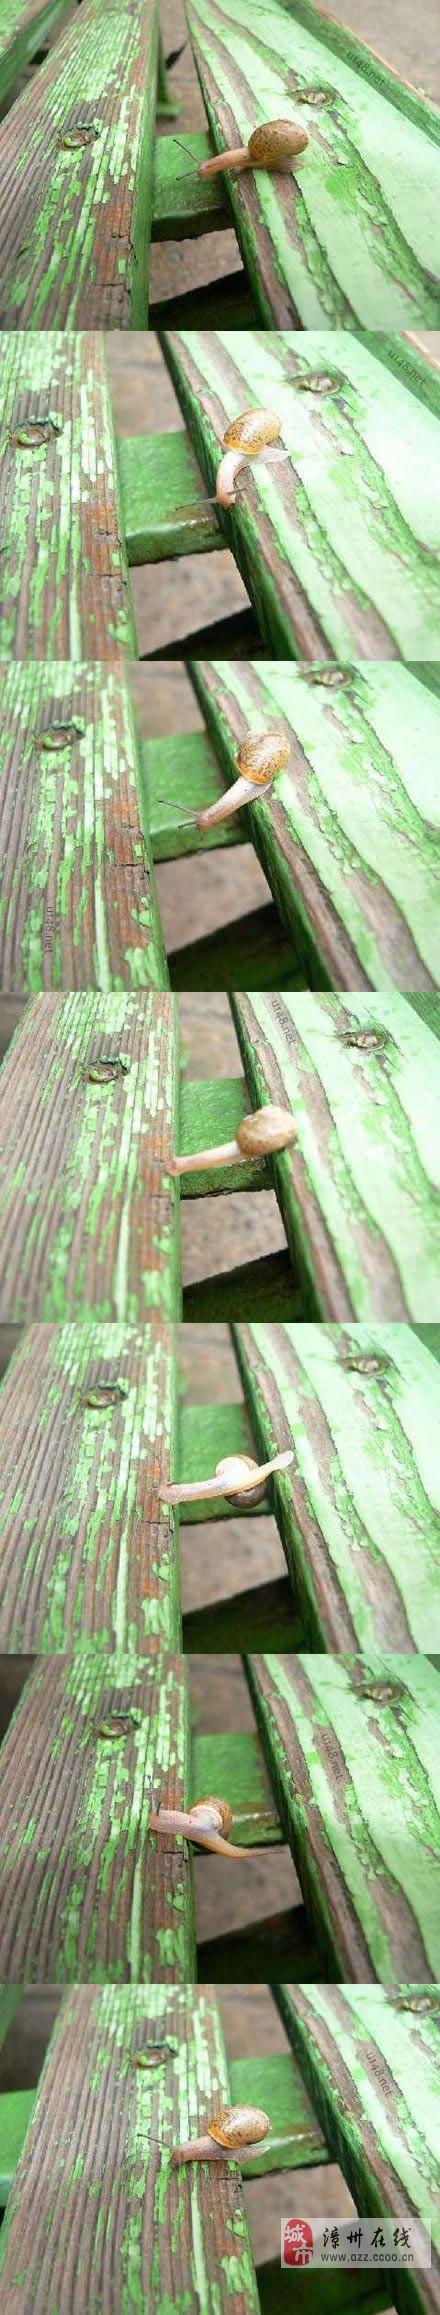 很多时候,你是不是还不如这只蜗牛?